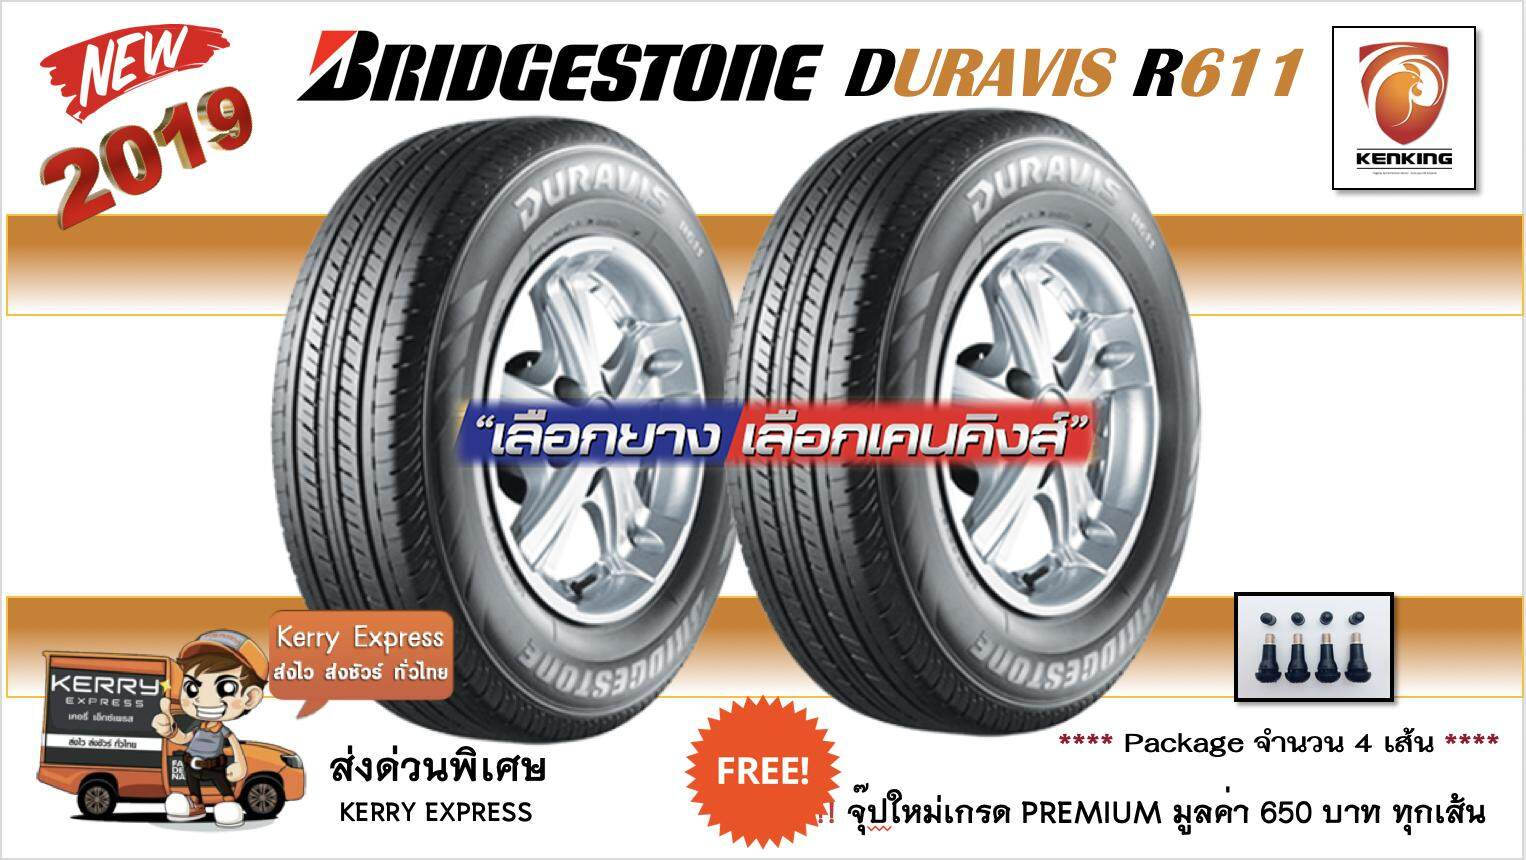 ประกันภัย รถยนต์ ชั้น 3 ราคา ถูก ร้อยเอ็ด ยางรถยนต์ขอบ16 Bridgestone 215/70 R16 Duravis R611 NEW!! ปี 2019 ( 2 เส้น ) ฟรี !! จุ๊ปเกรด Premium 650 บาท